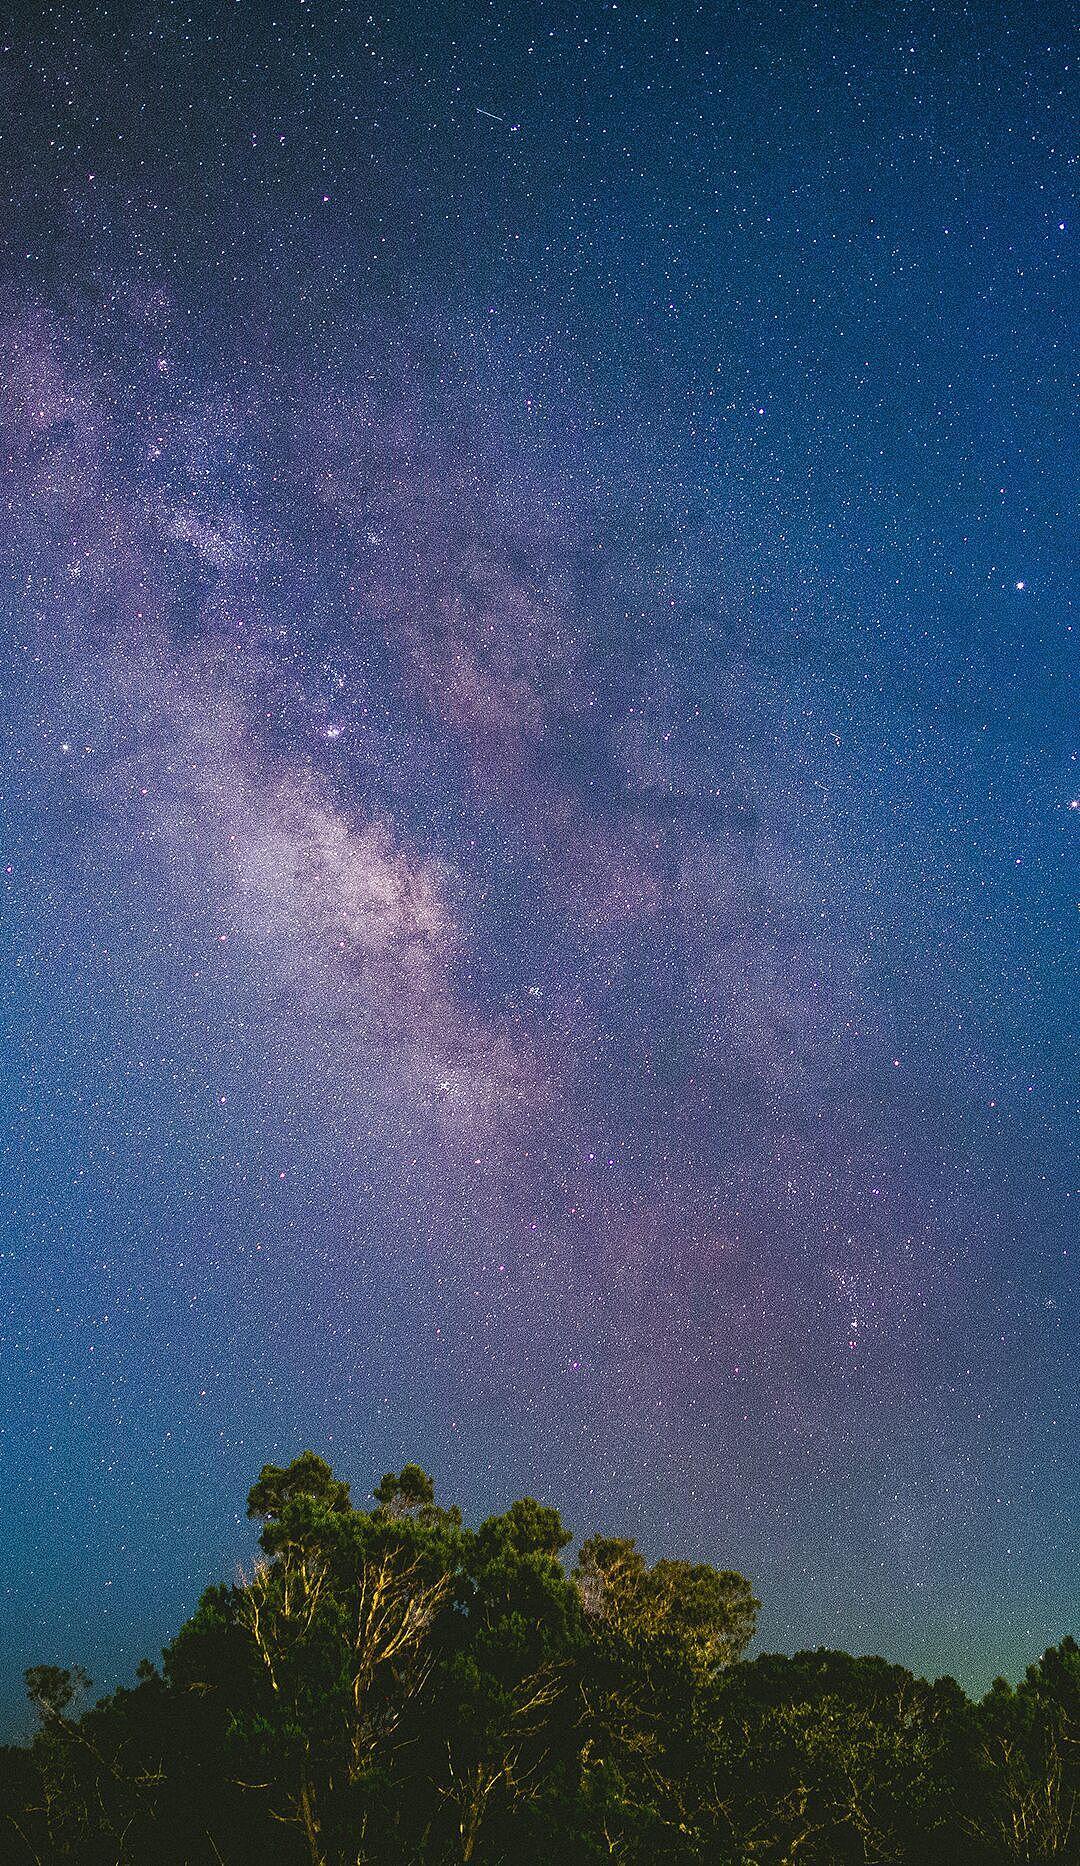 科幻小说_4k高清壁纸来袭,超适合手机系列的星空科幻  摄影 静物 壁纸 ...